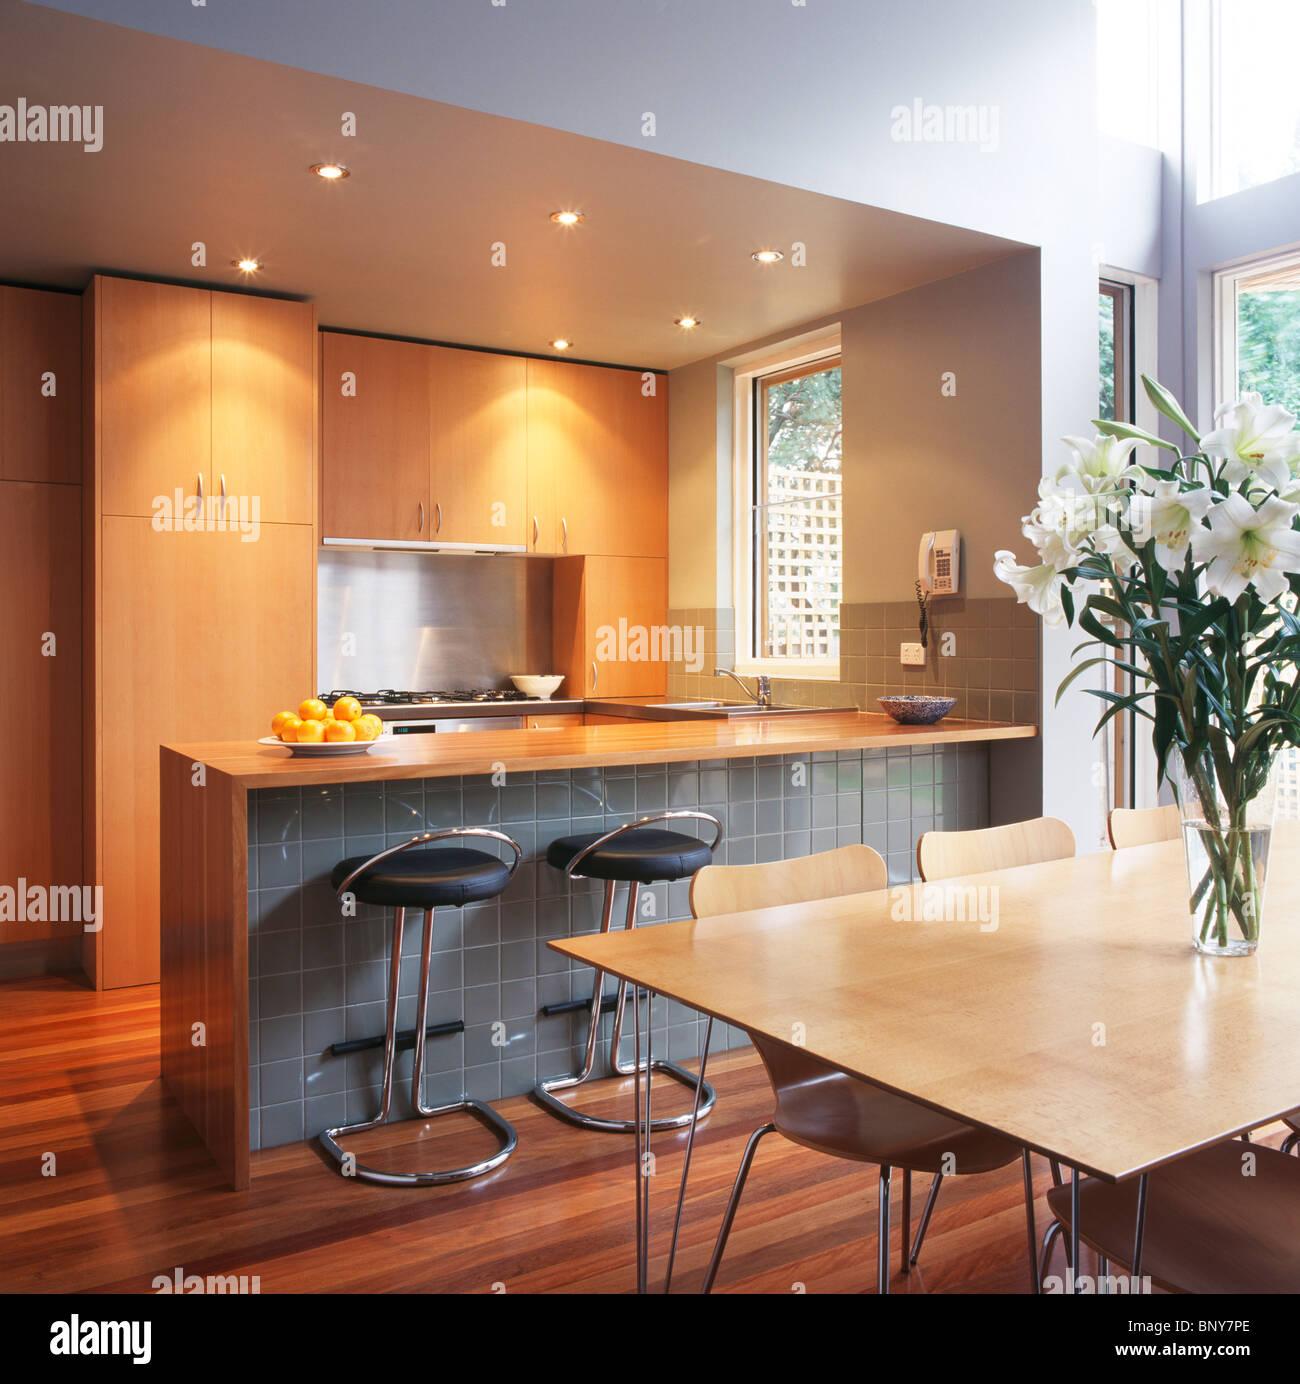 Faretti alogeni e bar per la colazione con il grigio pannello di piastrelle in cucina moderna - Piastrelle per la cucina moderna ...